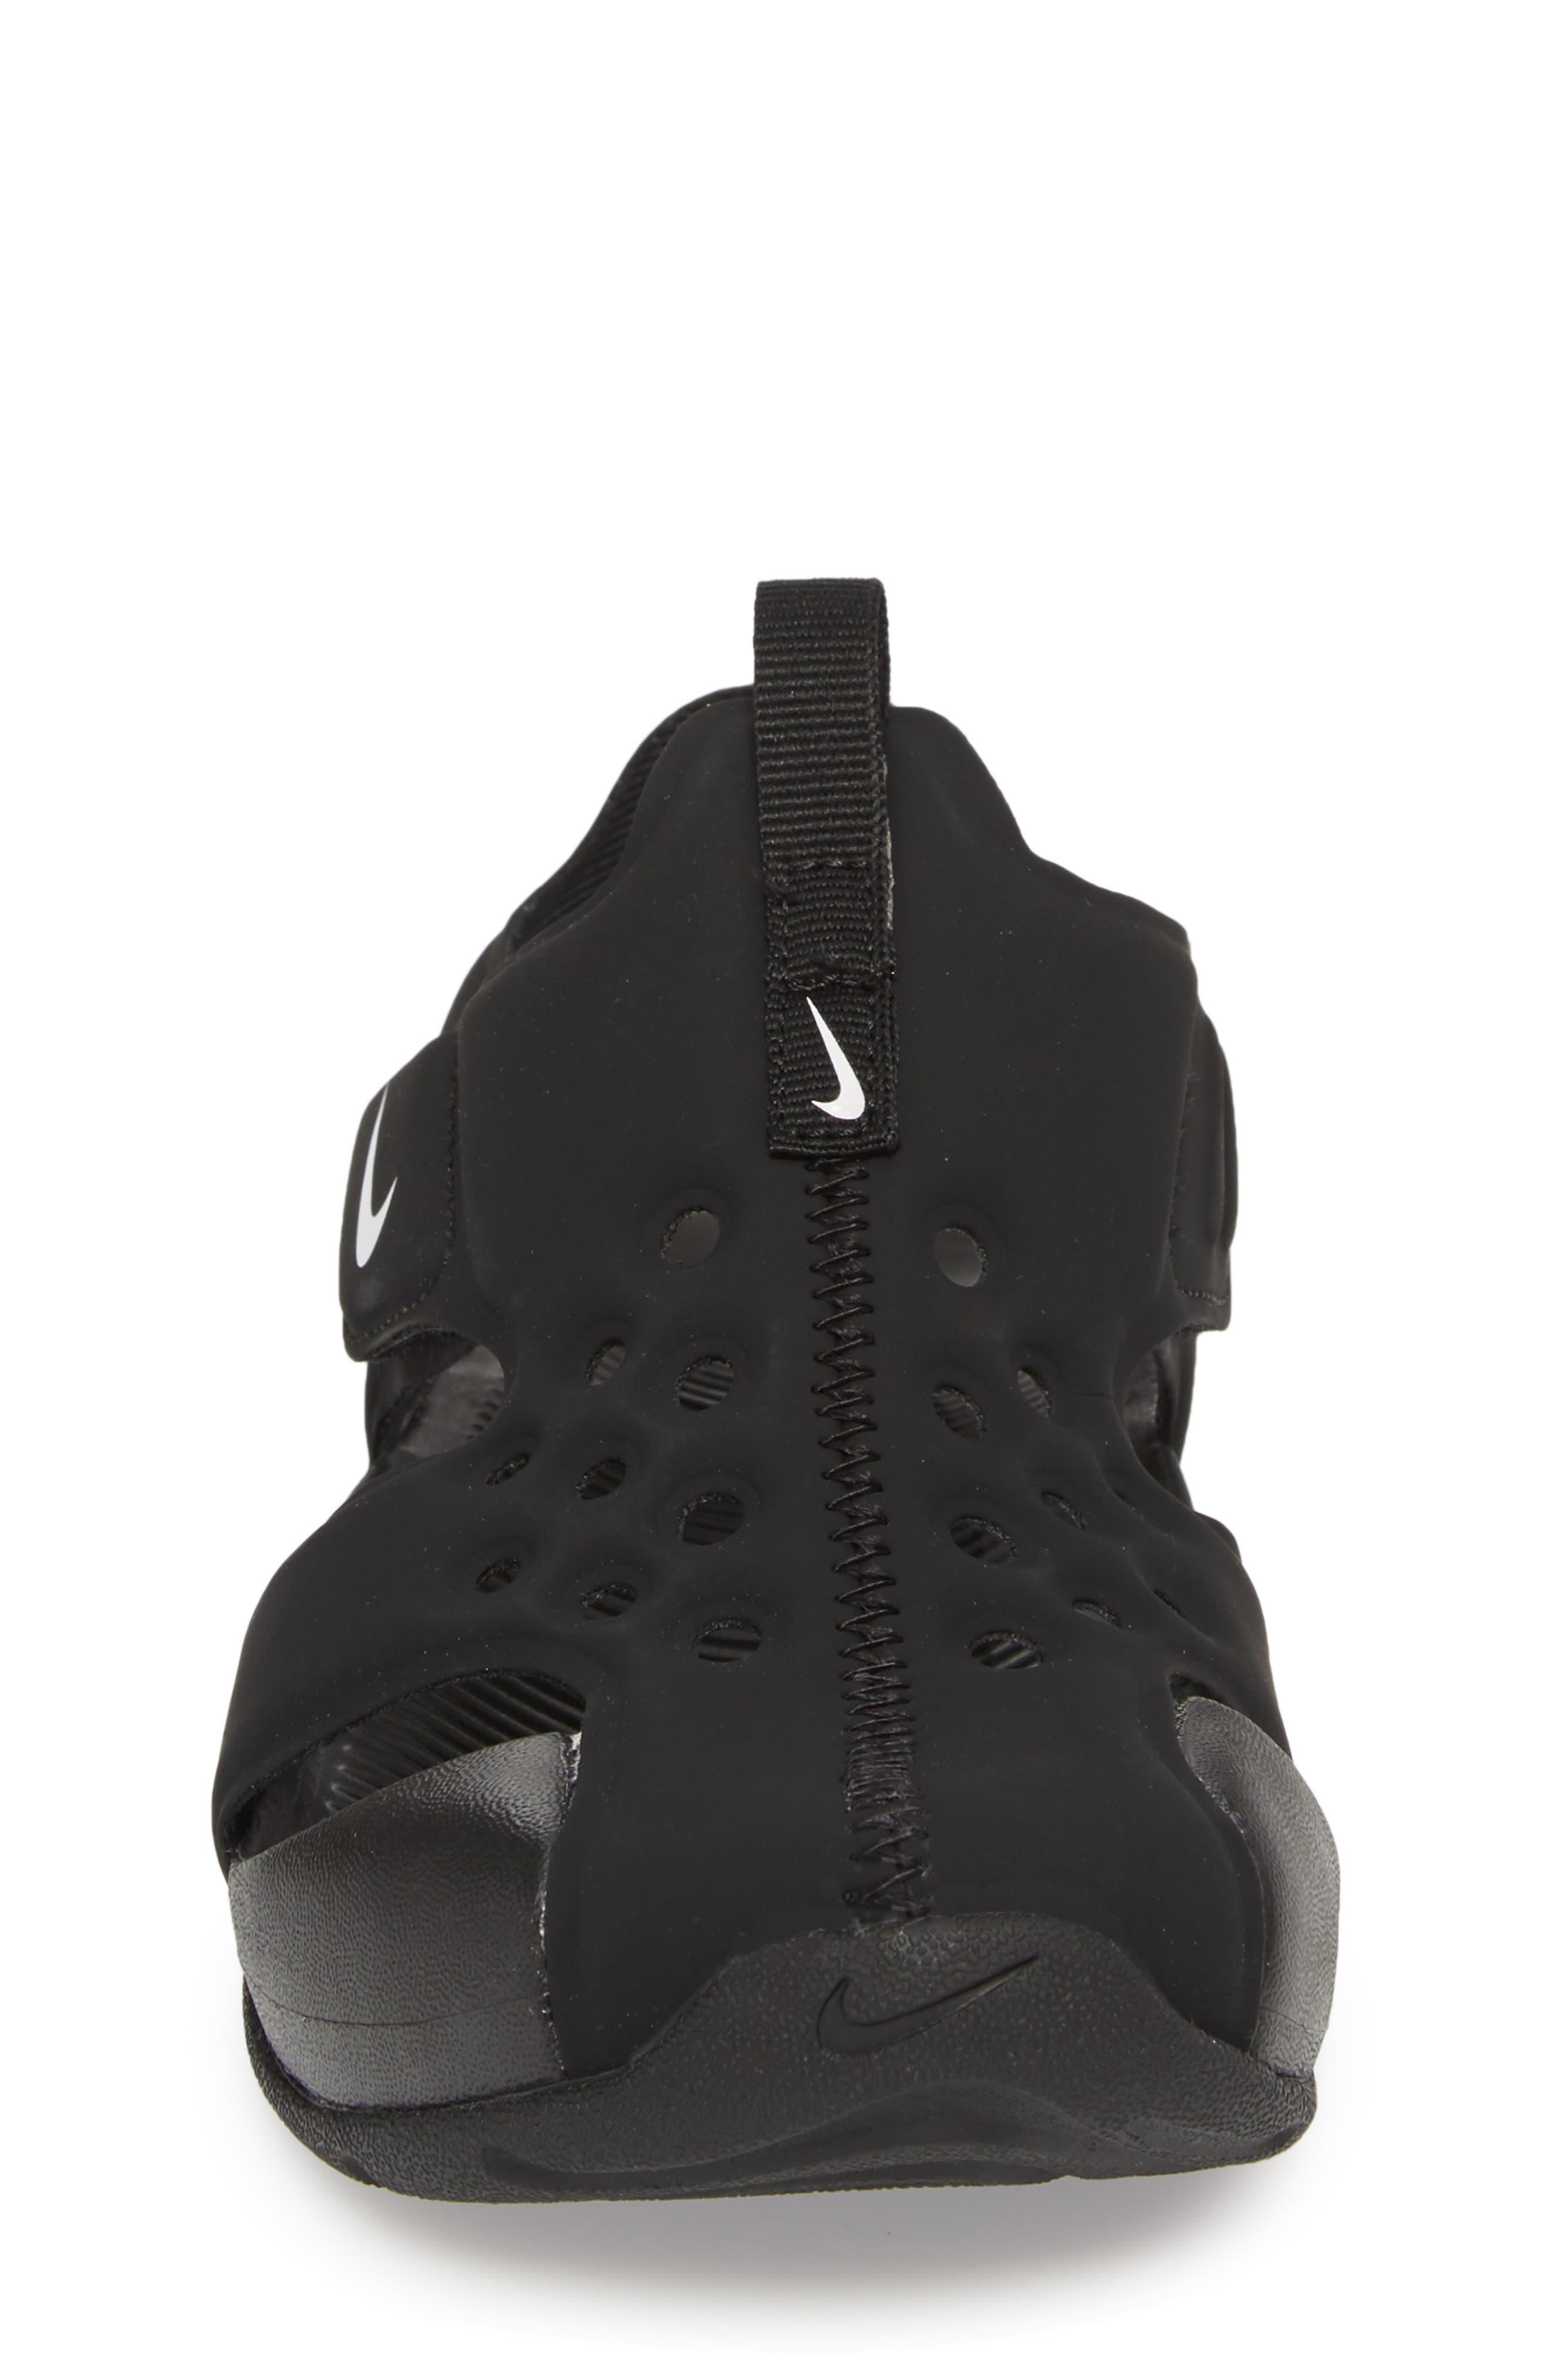 NIKE, Sunray Protect 2 Sandal, Alternate thumbnail 4, color, BLACK/ WHITE